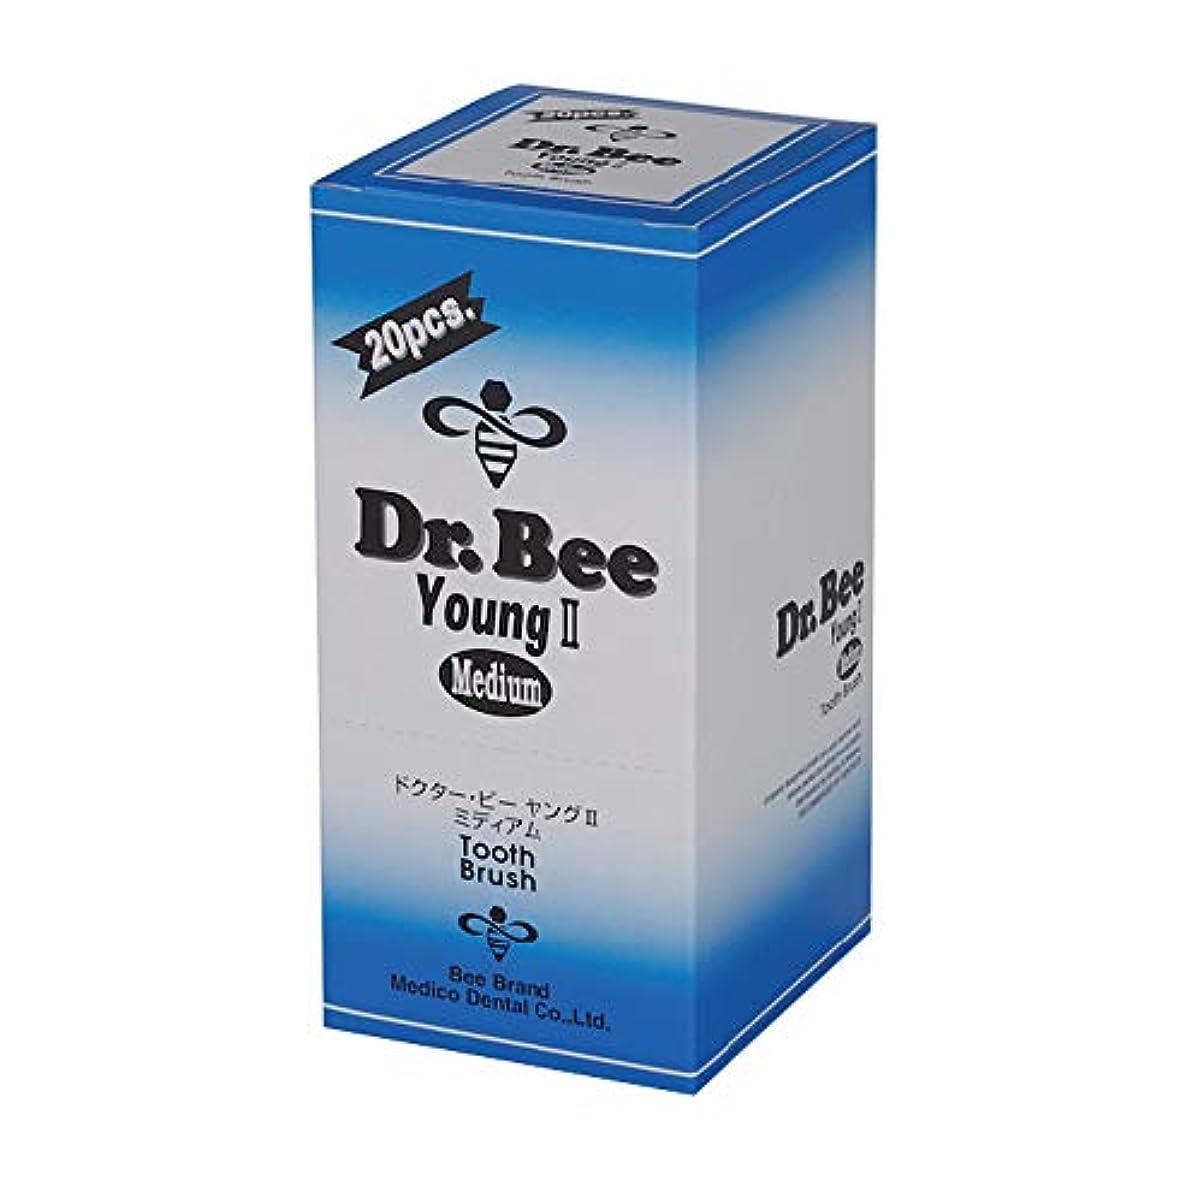 ライン倉庫警察署Dr.Bee ヤングII ミディアム 20本入り